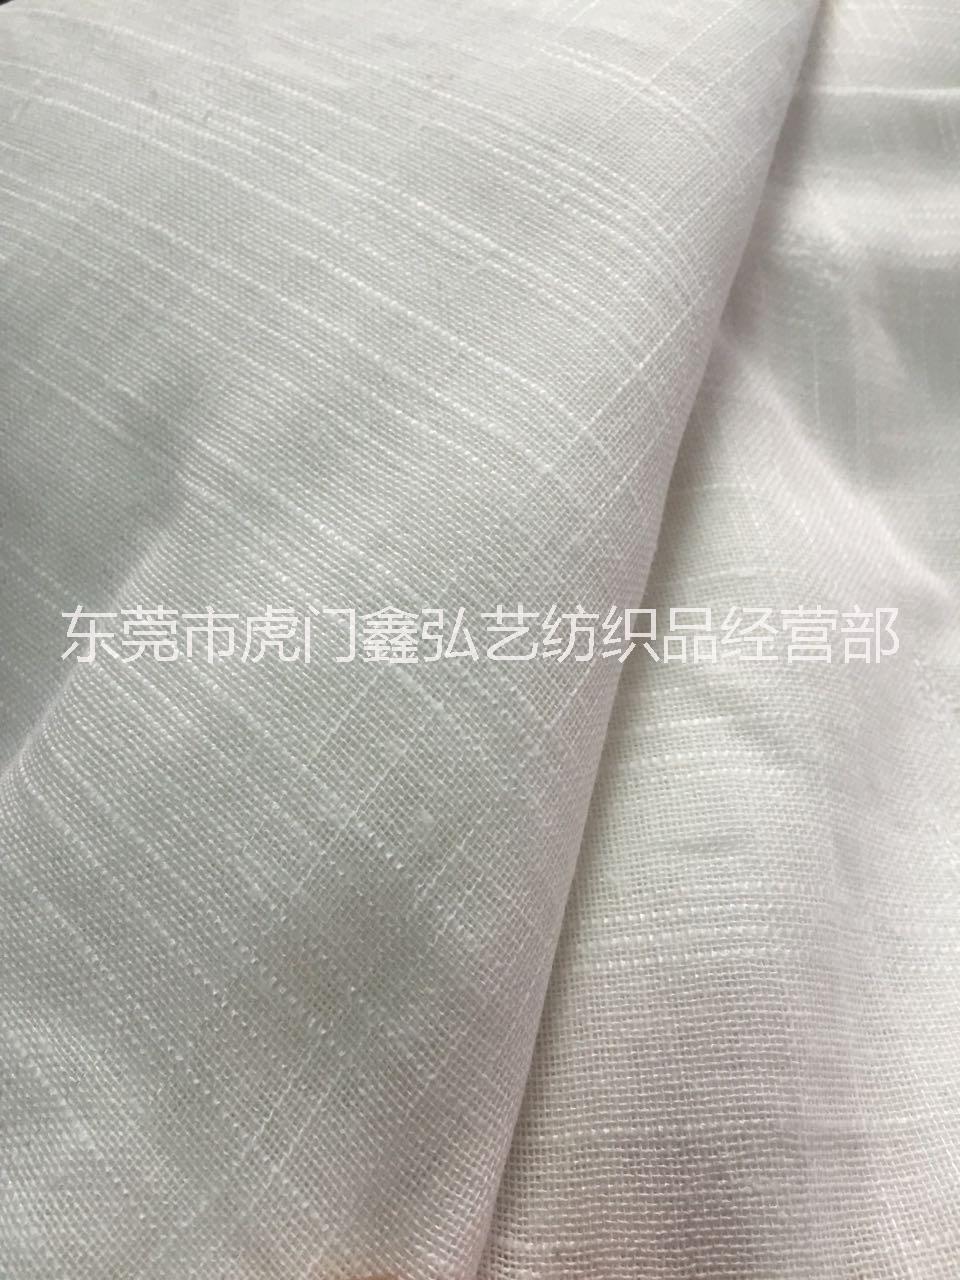 棉纱竹节布厂家直销天然亚麻类棉布 环保居家家纺用布现货供应